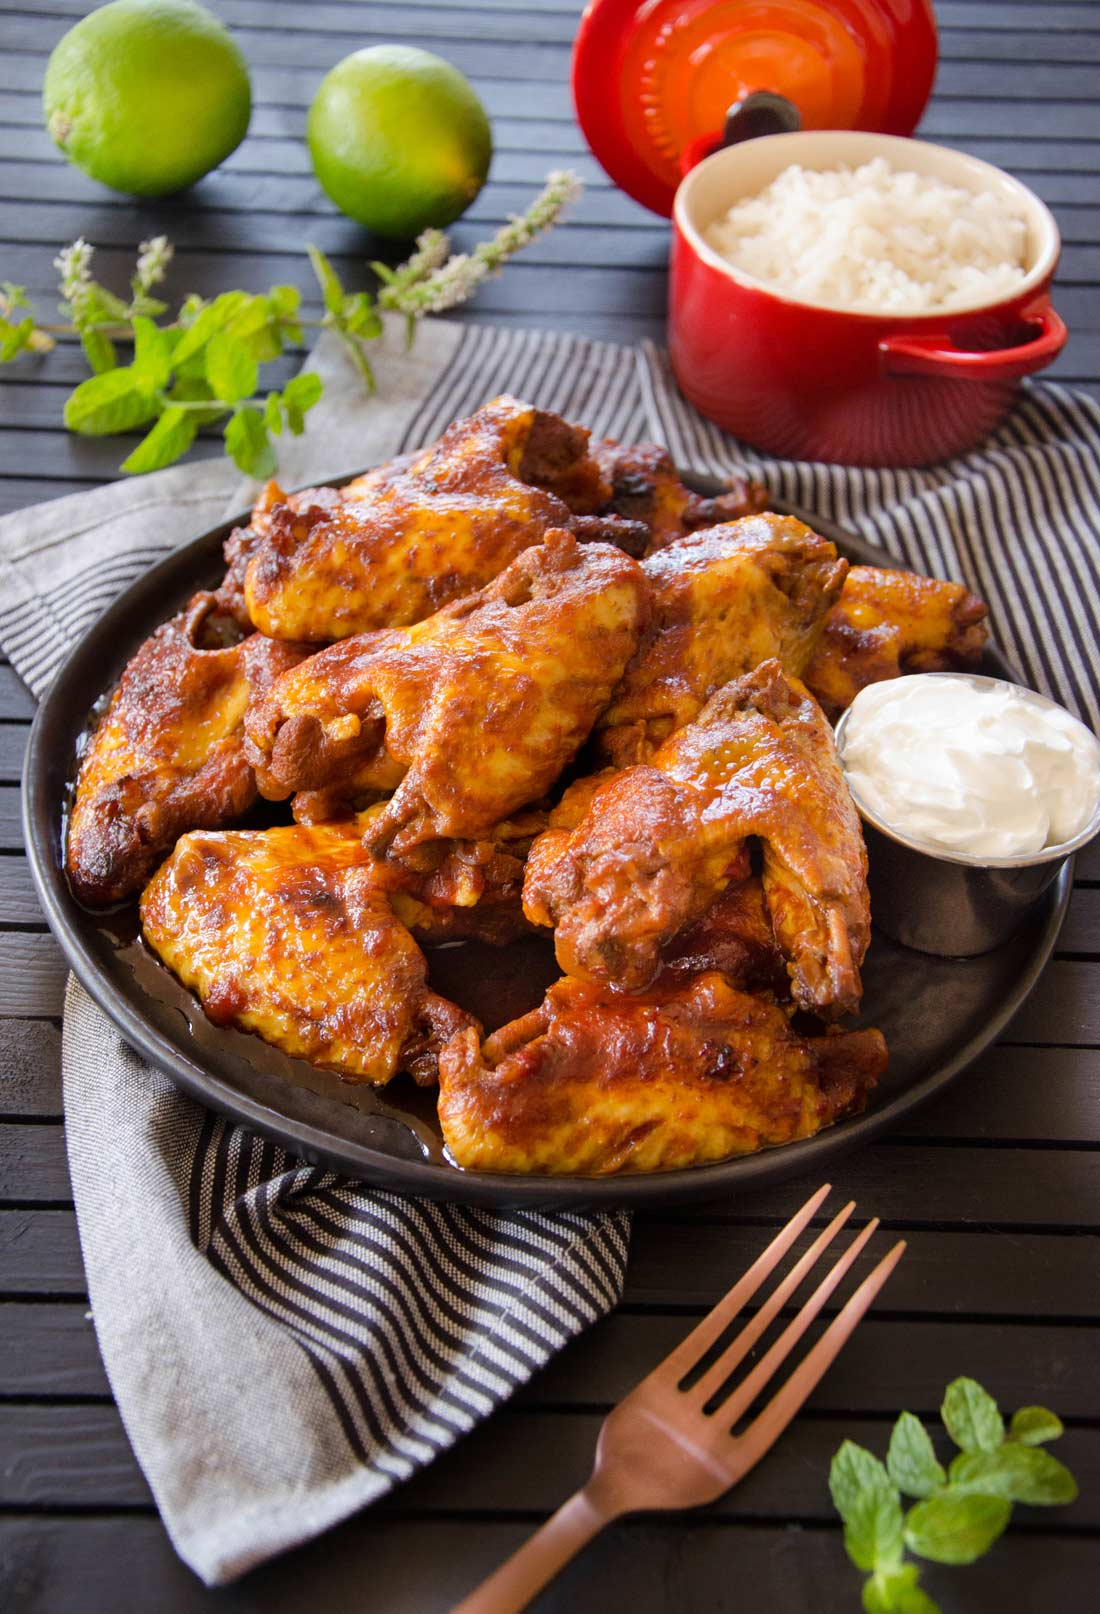 Recette de chicken wings - ailes de poulet en sauce BBQ